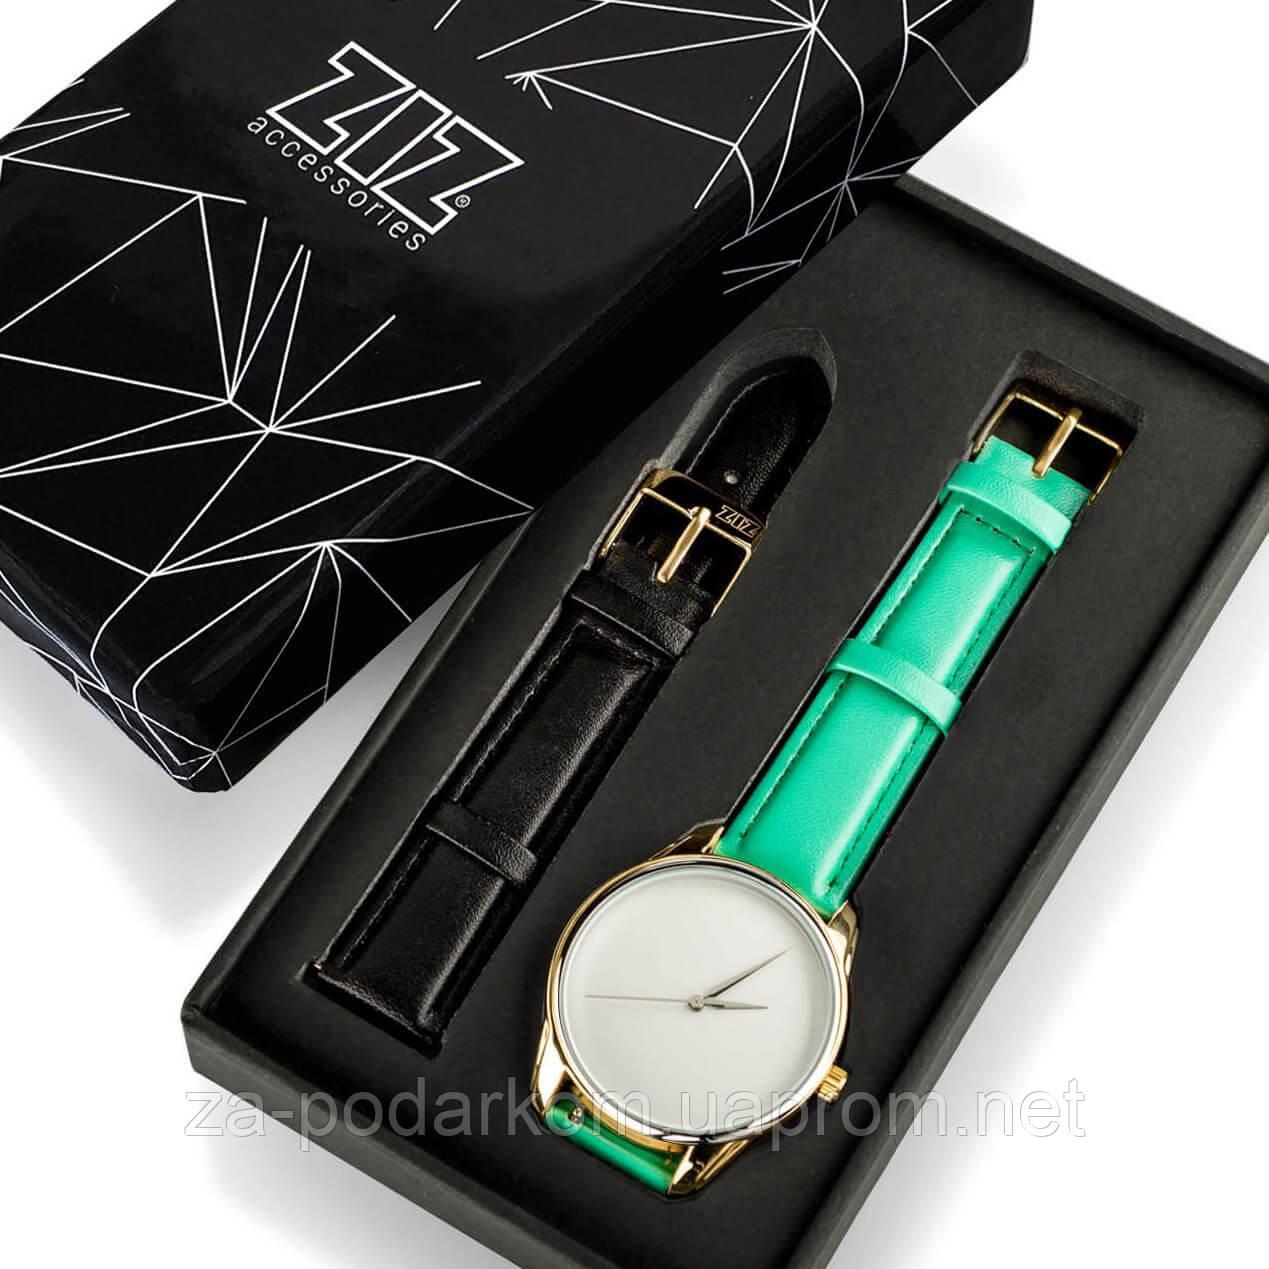 """Годинник """"М'ятно-бірюзовий мінімалізм"""" подарунок жінці"""